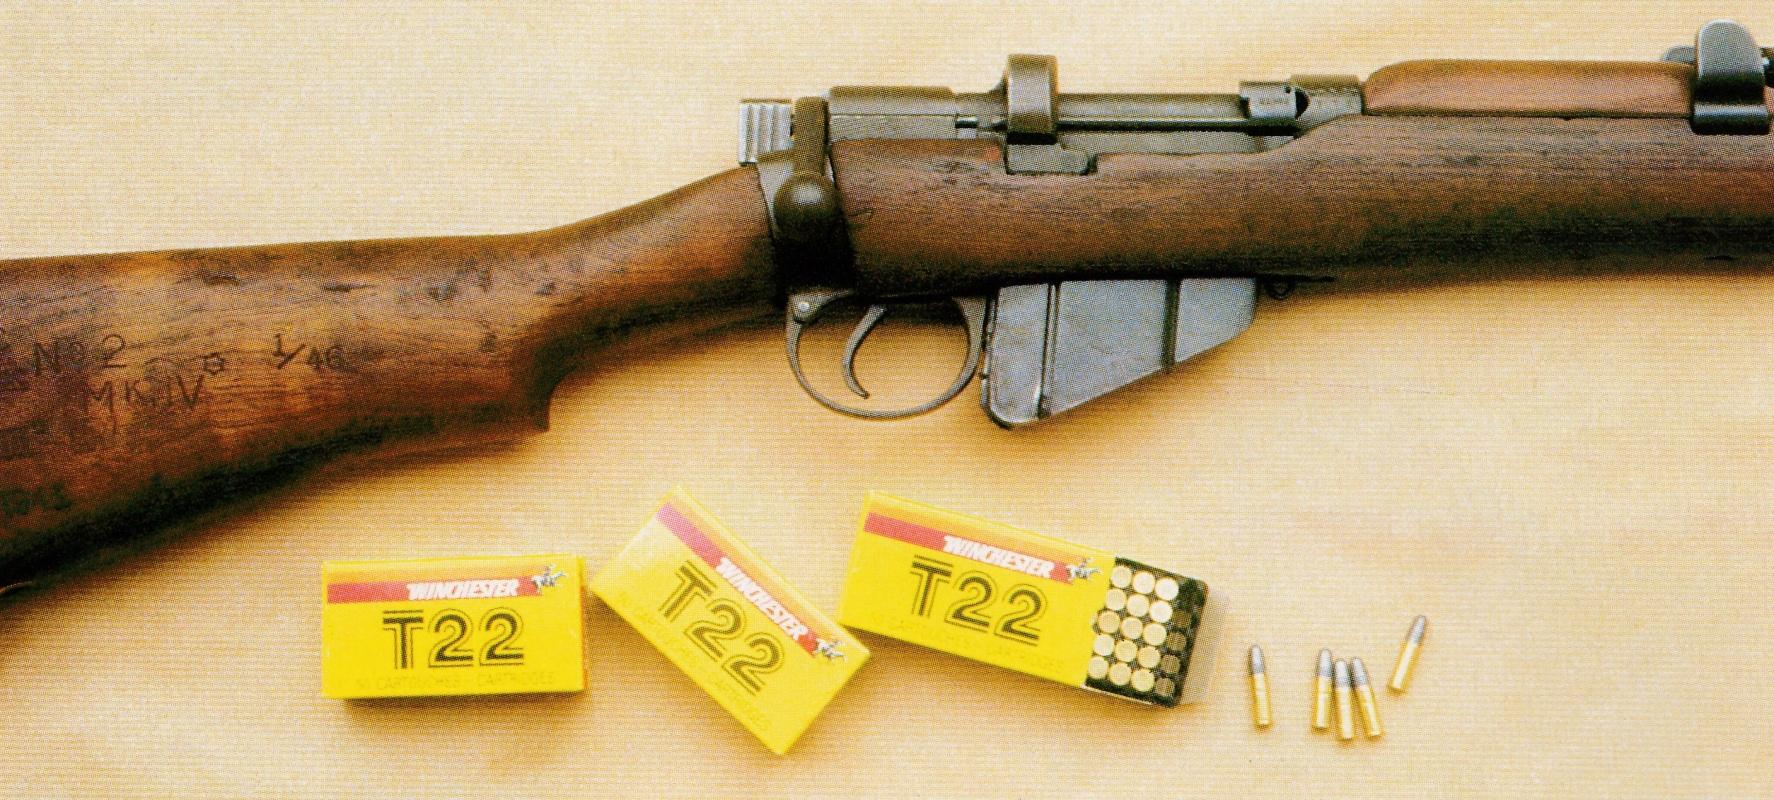 La présence de ces boîtes de cartouches de calibre .22 Long Rifle semble tout à fait anachronique, tant il est vrai qu'extérieurement rien ne différencie le fusil d'entraînement du fusil de guerre.